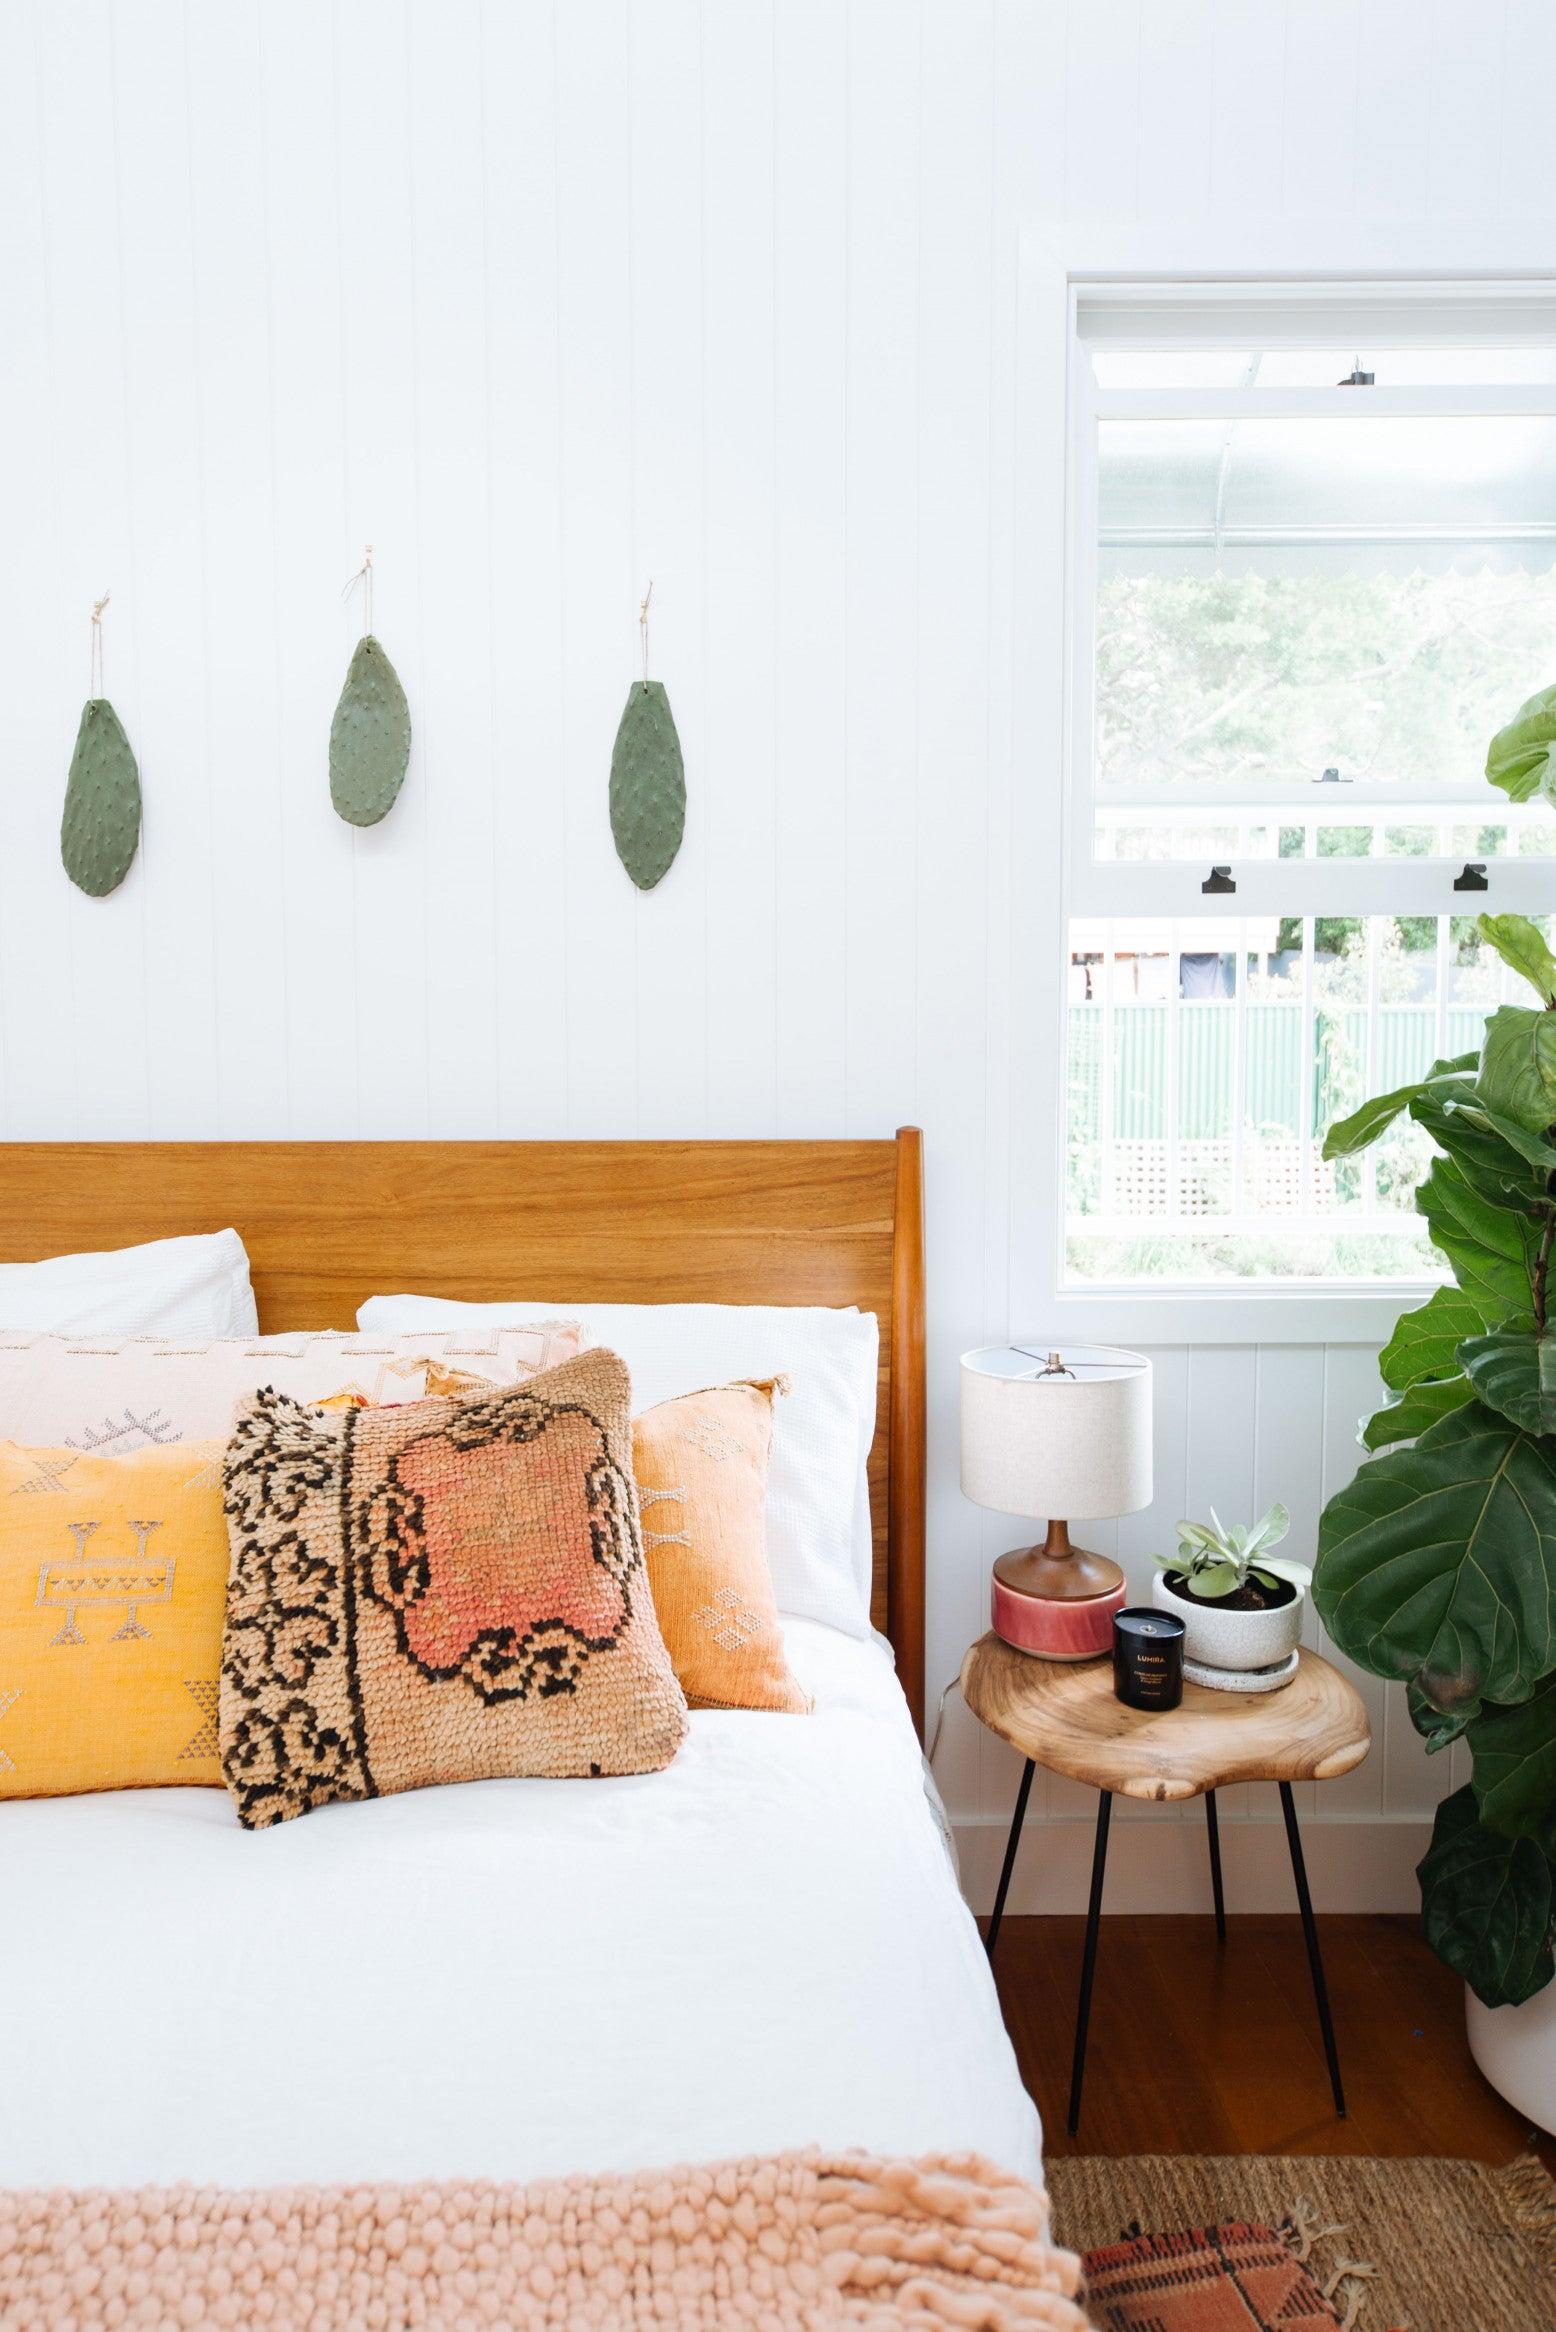 FEATUREDGeneva-Vanderzeil-Renovation-Master-Bedroom-10-778×1166@2x